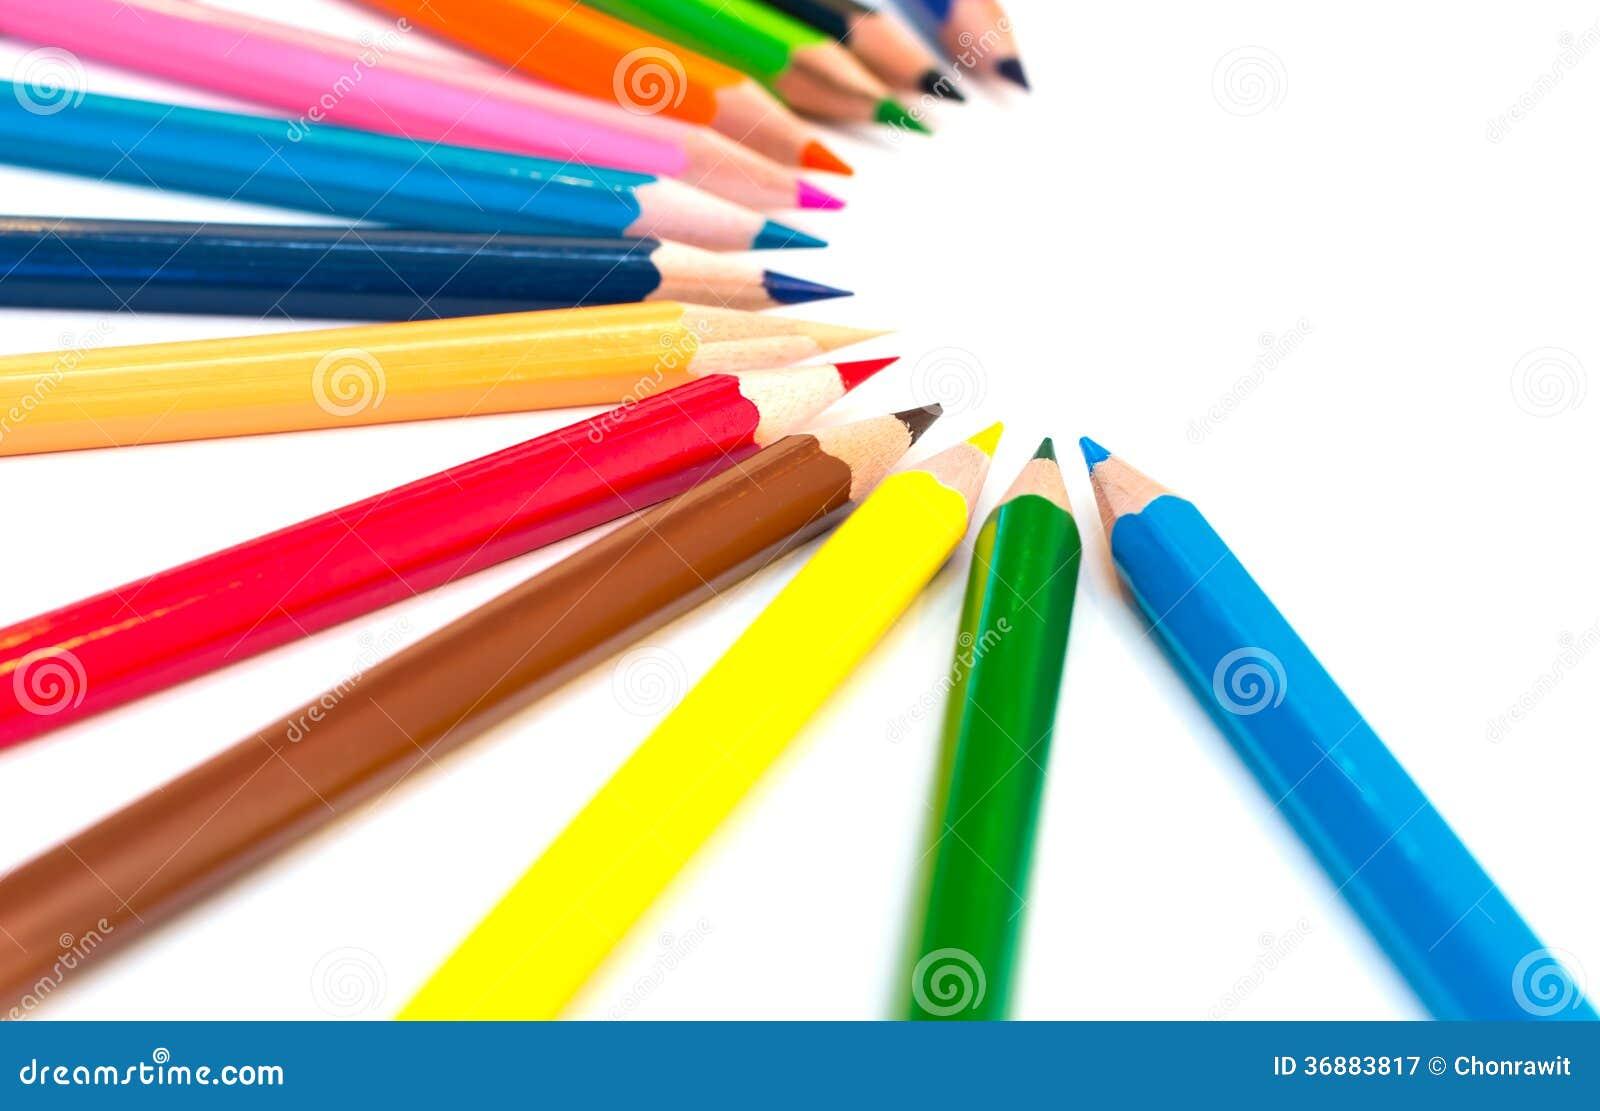 Download Pastelli variopinti immagine stock. Immagine di tiraggio - 36883817